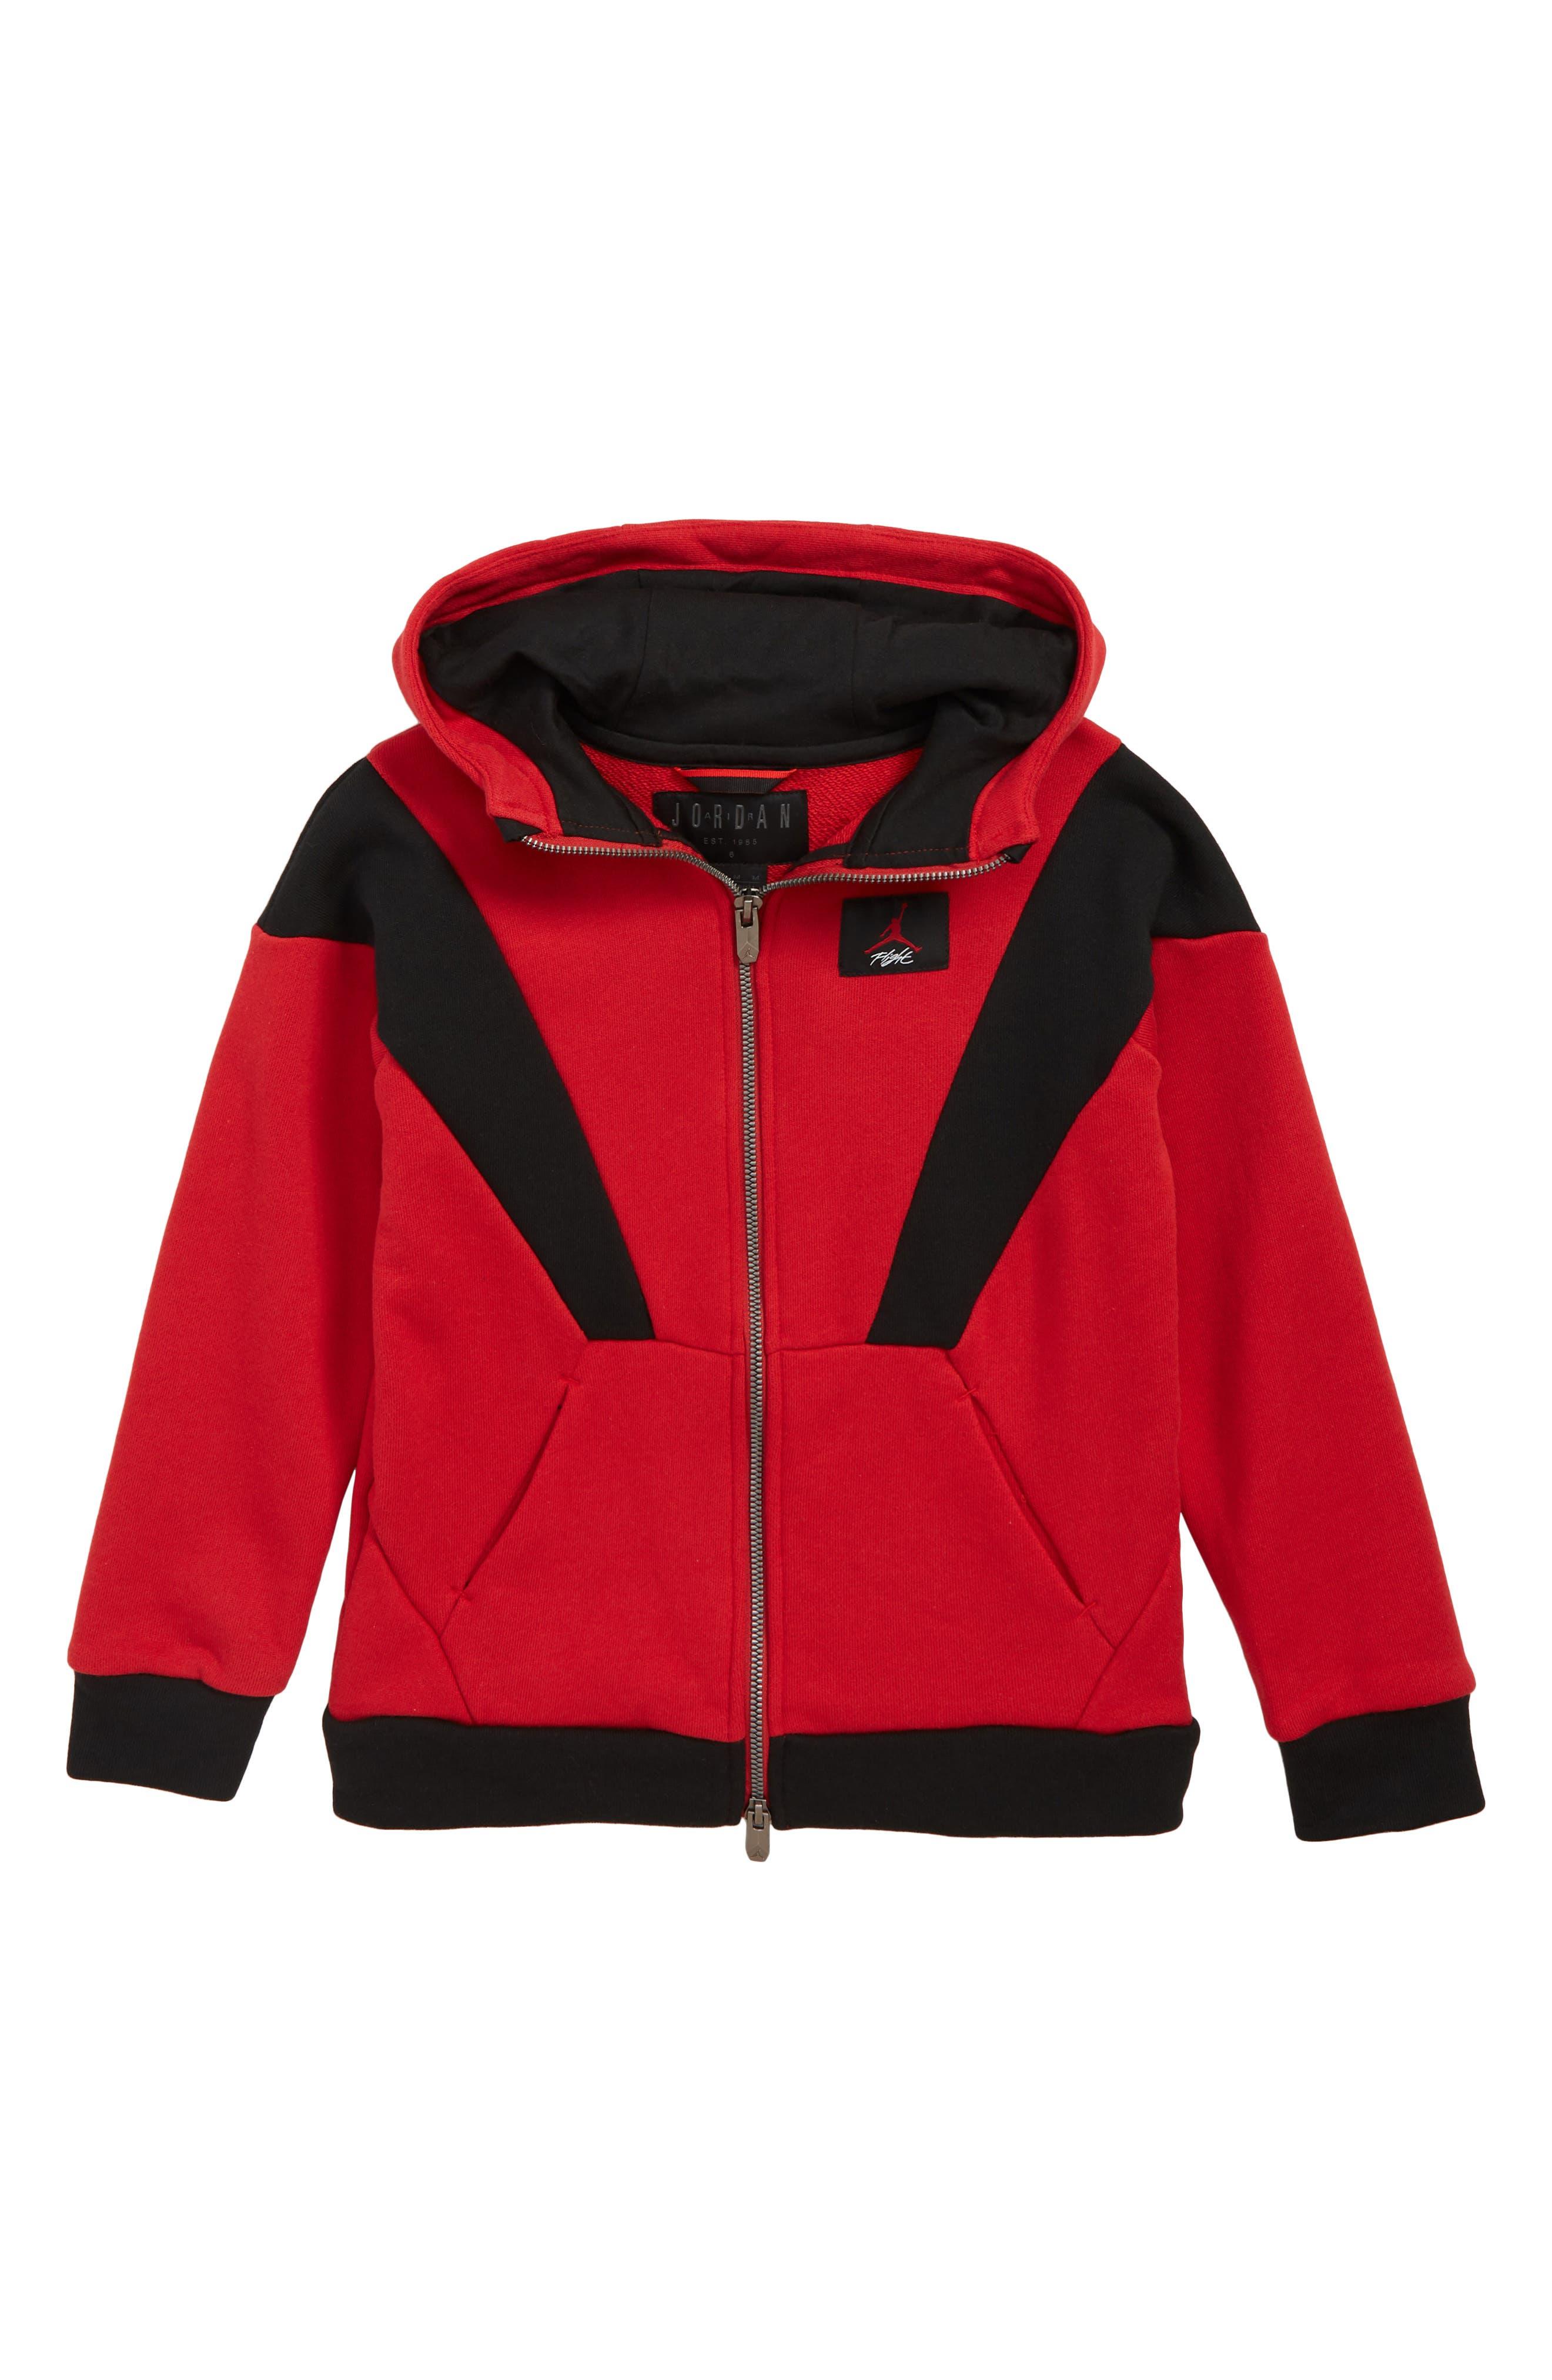 JORDAN Flight 5 Hooded Sweatshirt, Main, color, GYM RED